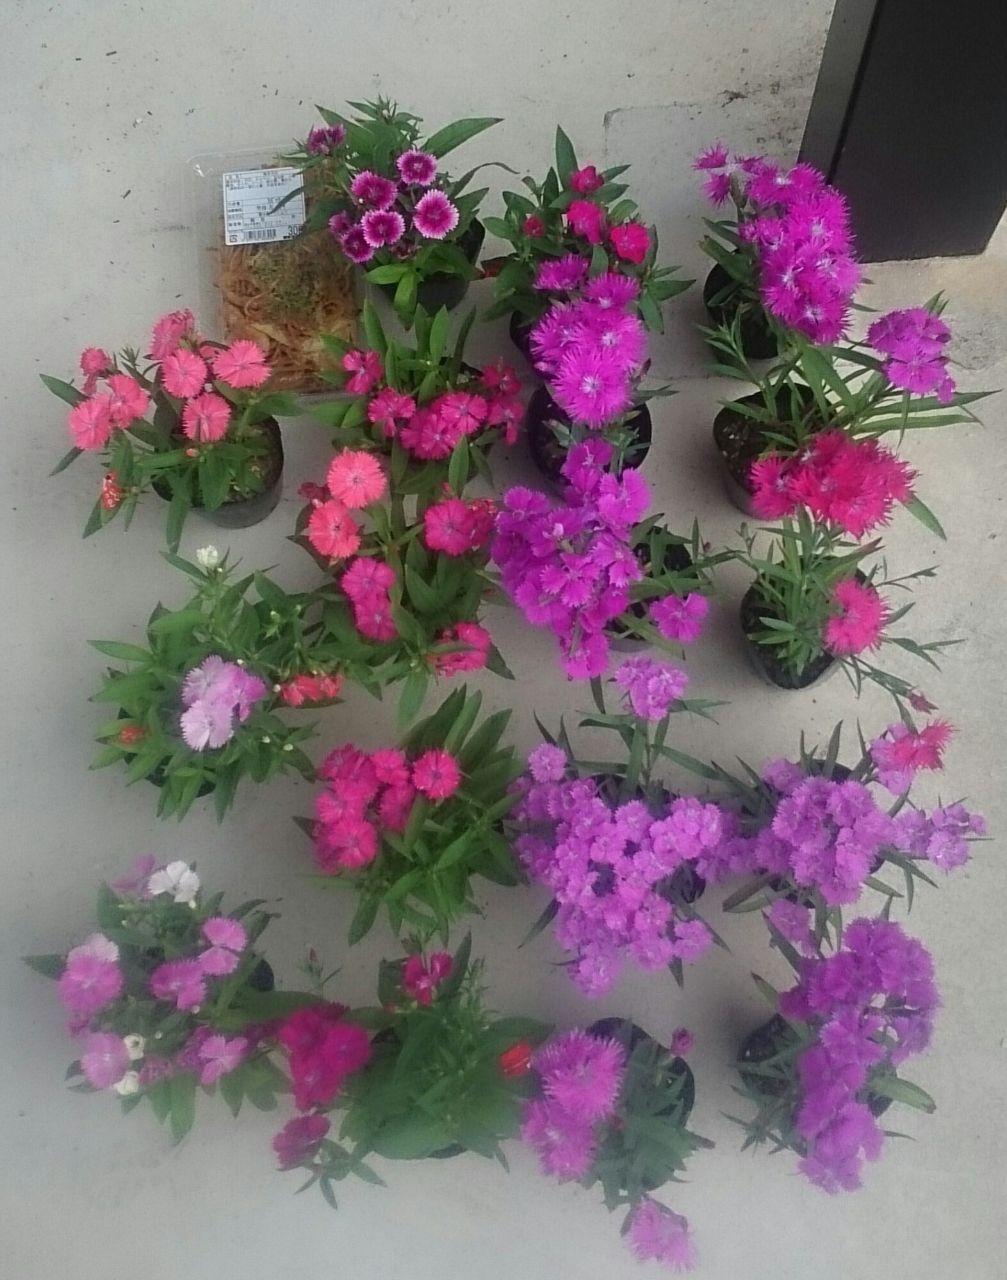 ●ー.ー●…あら、まあ、どう、しましよ??? ハマちゃん・・  おひさしぶりです  はい、あら、ミニ花壇  ★ひまわり🌻🌻🌻  ♯あさがお💠💠💠